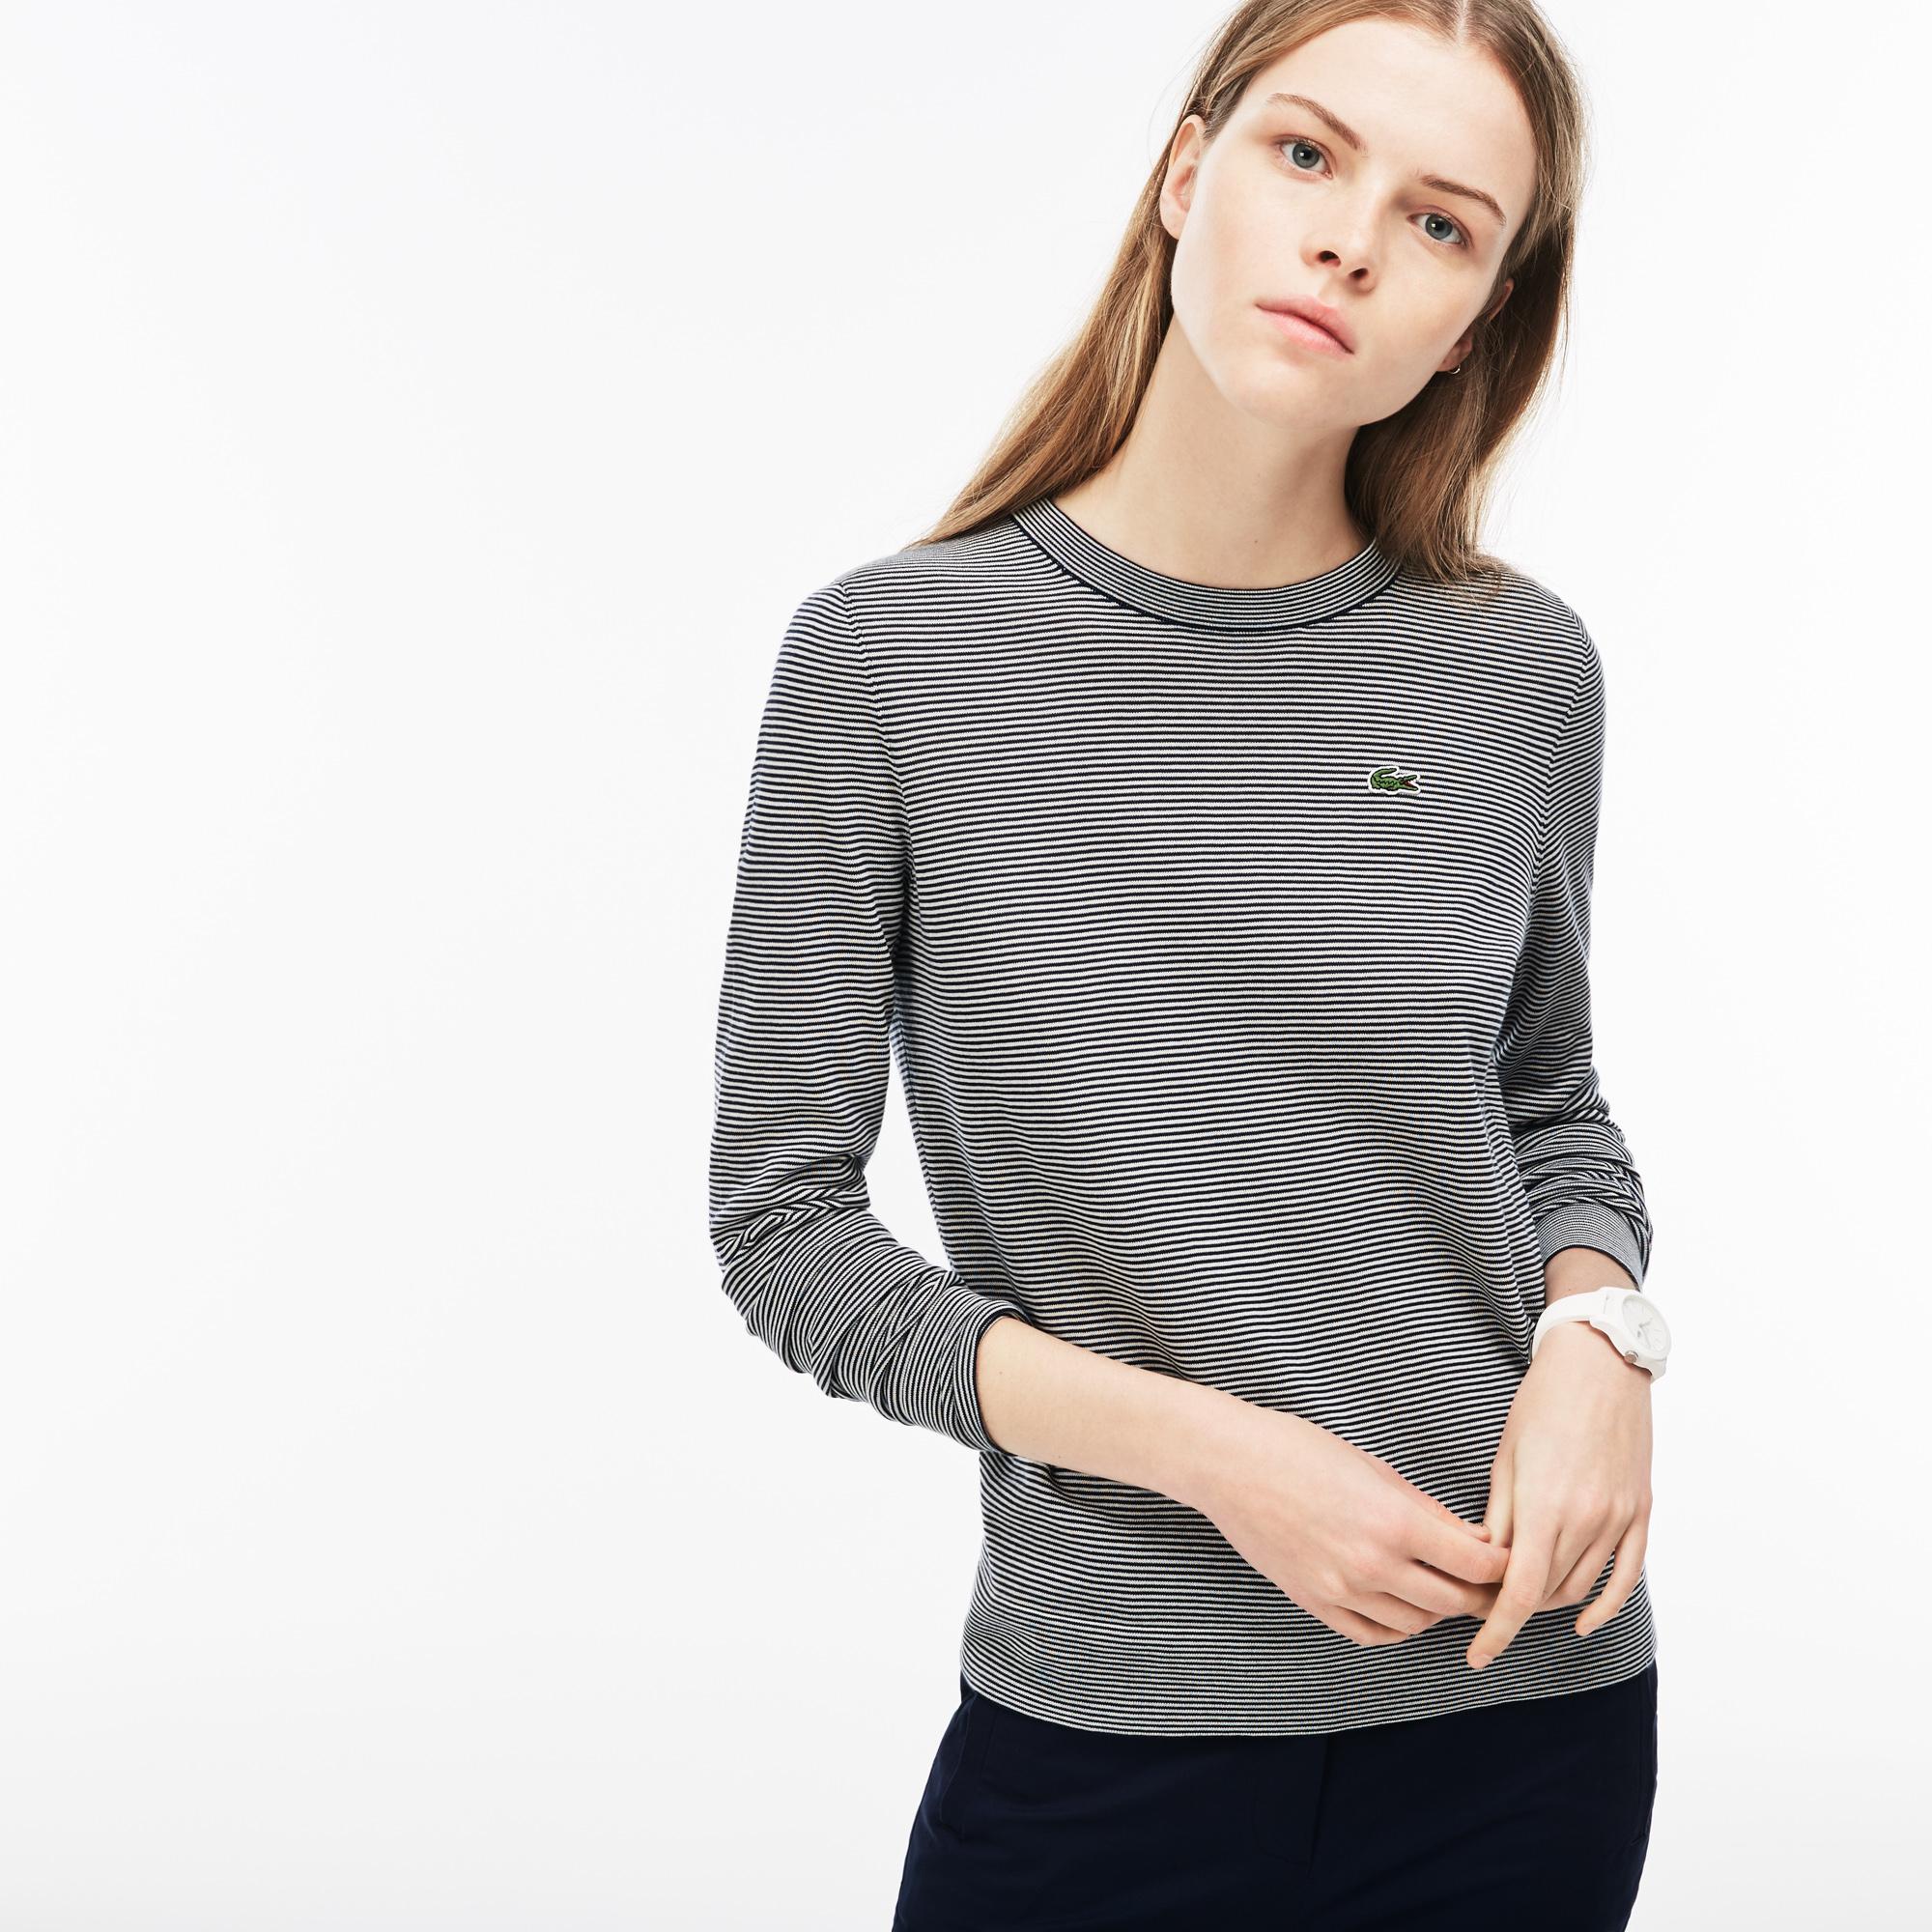 Свитер LacosteСвитеры<br>Детали: женский свитер с принтом  \ Материал: 100% хлопок 98% хлопок 1% эластан 1% полиамид \ Страна производства: Китай